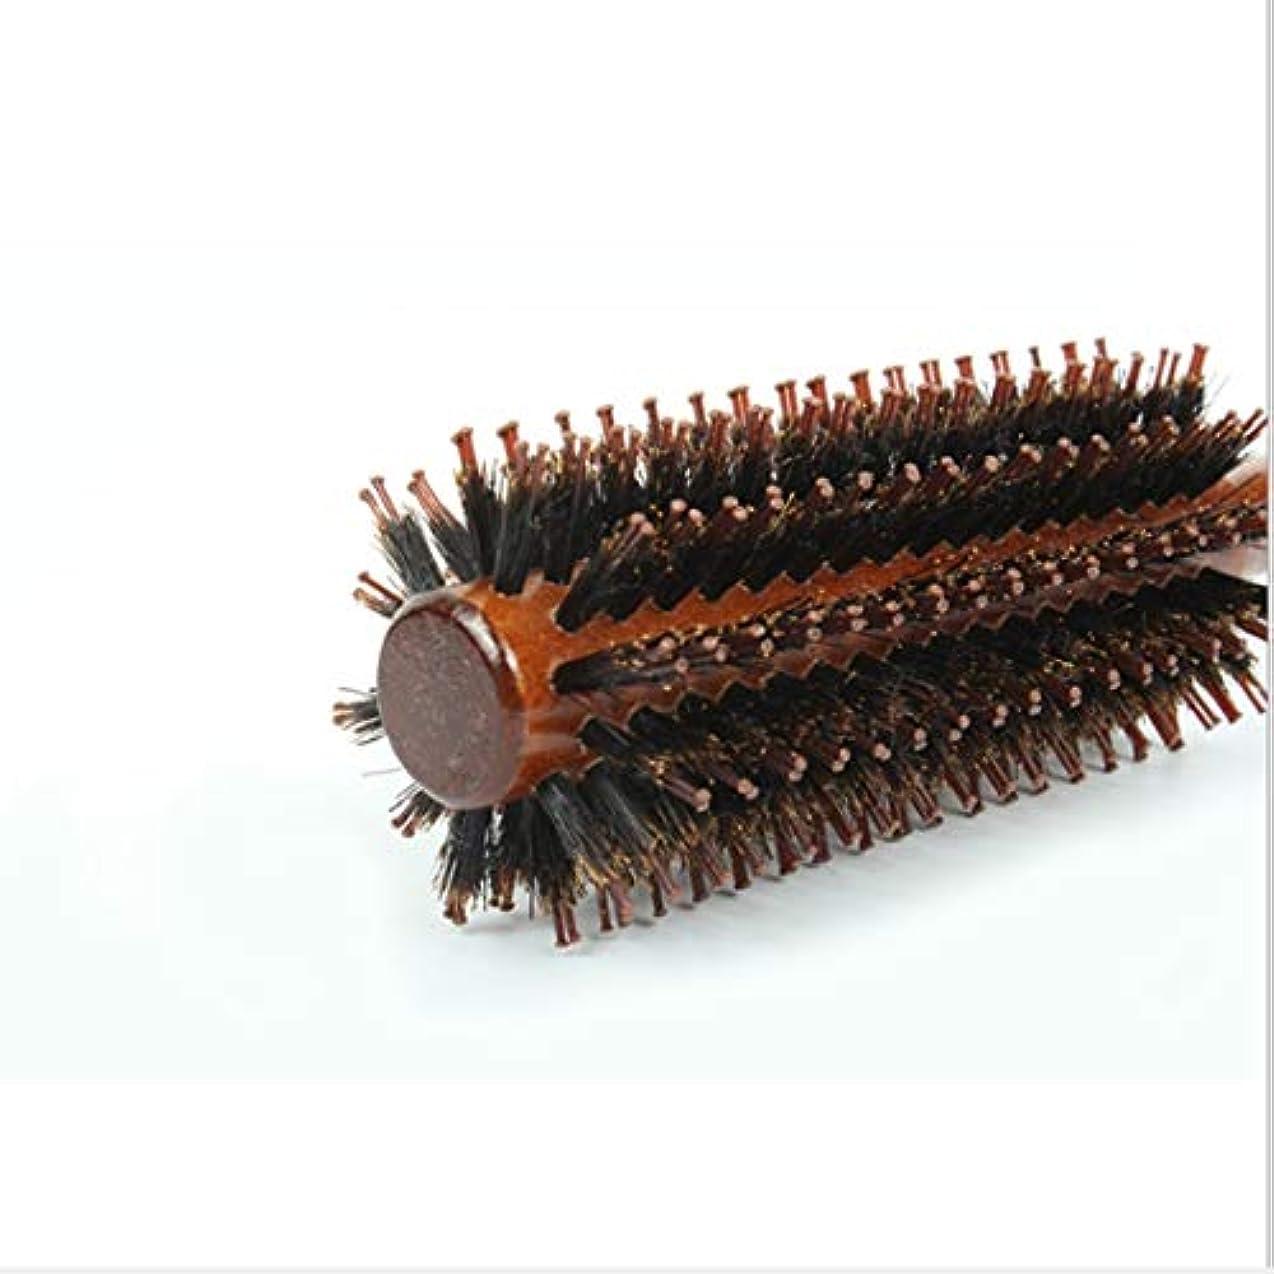 ボイラー利益写真撮影Guomao 女性のためのストレート&ツイルヘアコームラウンドバレルヘアブラシ-22インチの長さ (サイズ : Straight-S)